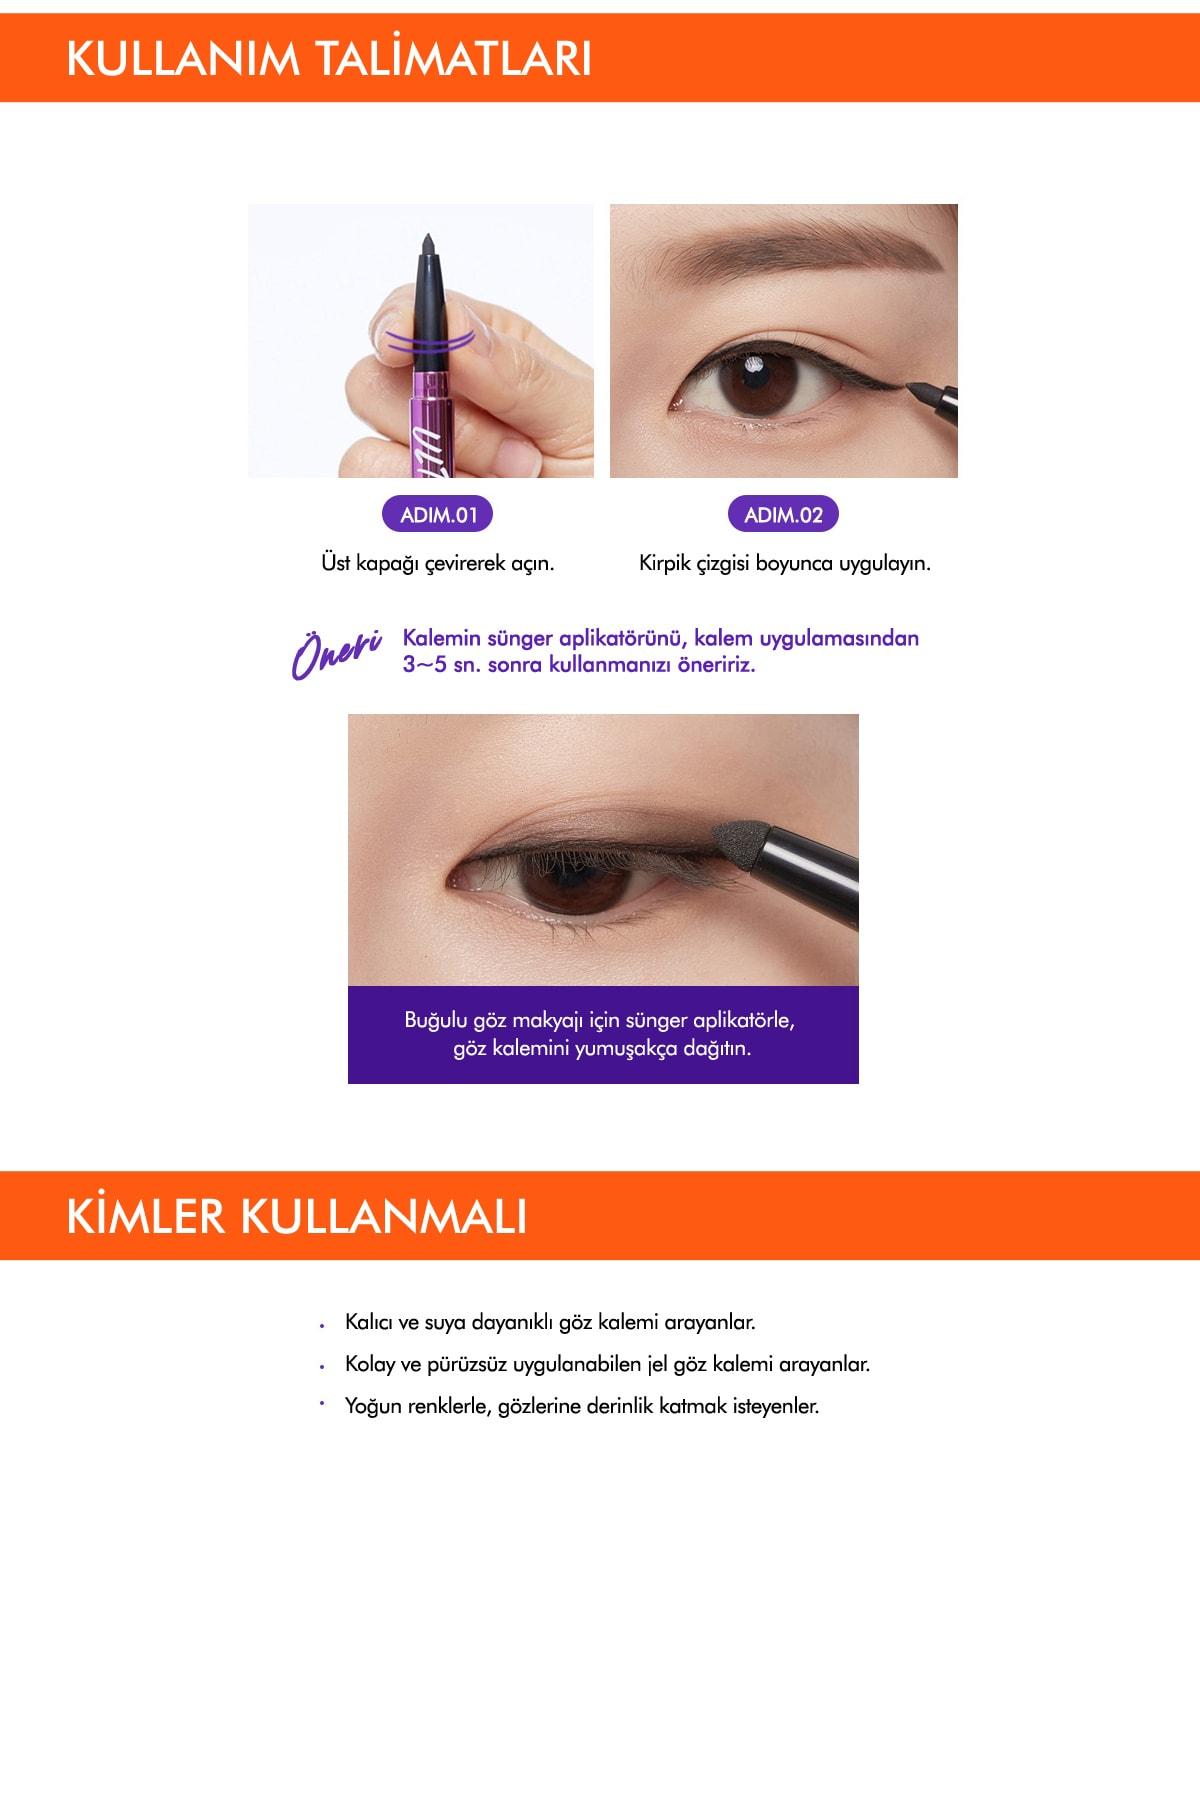 Missha Suya Dayanıklı Kalıcı Jel Göz Kalemi Ultra Powerproof Pencil Eyeliner Ash Brown 4